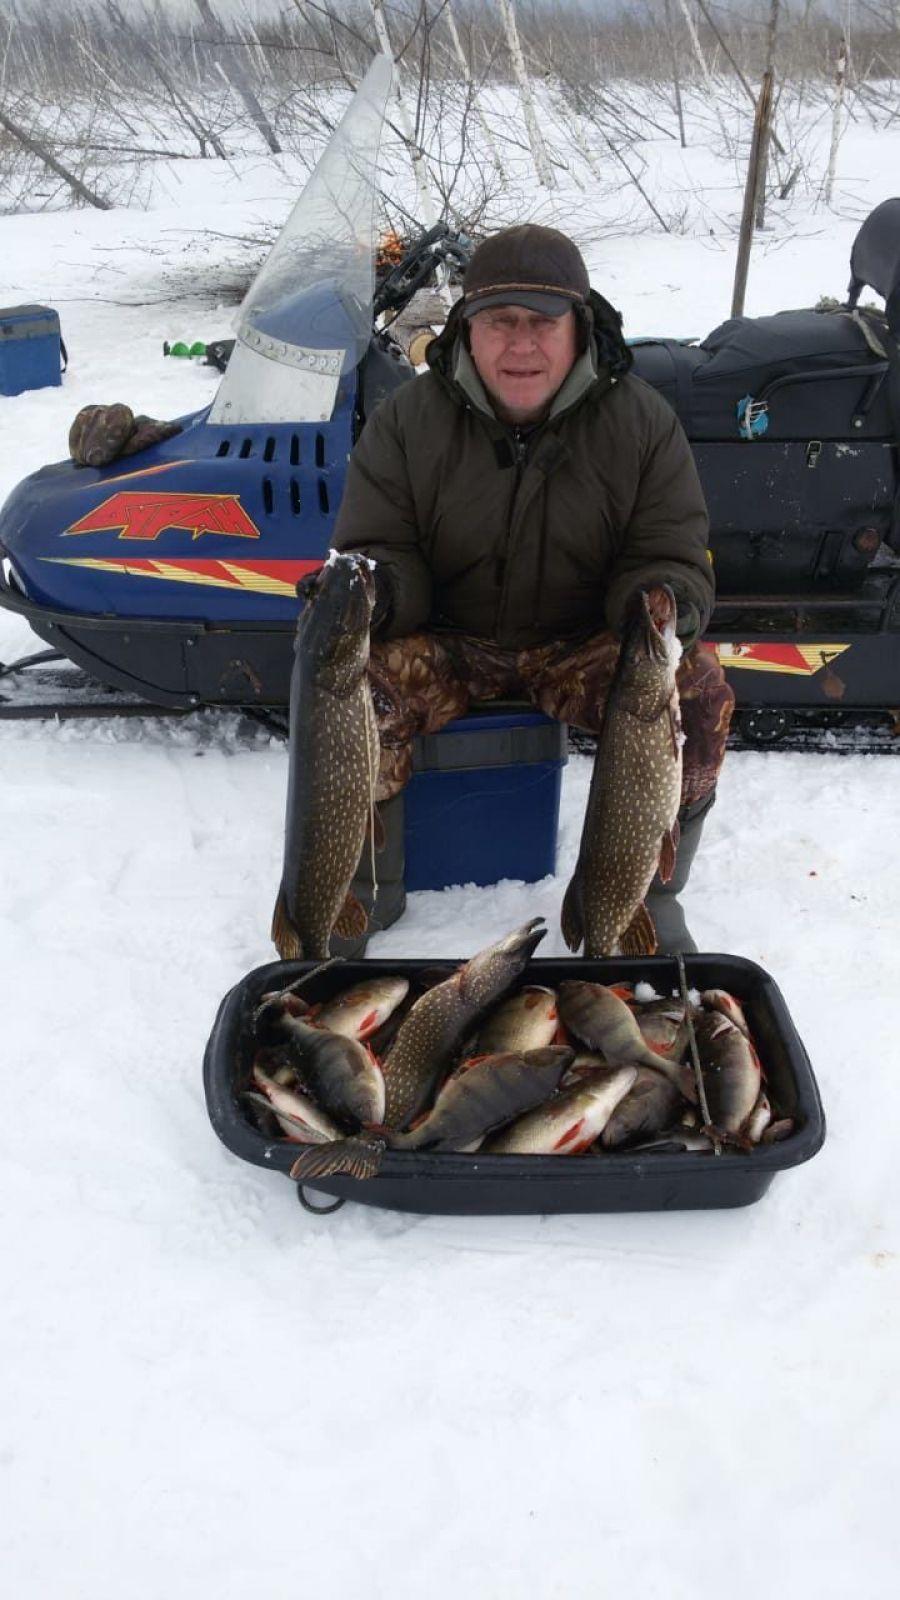 Владимир Борисов рыбачит в Усть-Илимском районе. Судя по фото, места там рыбные.